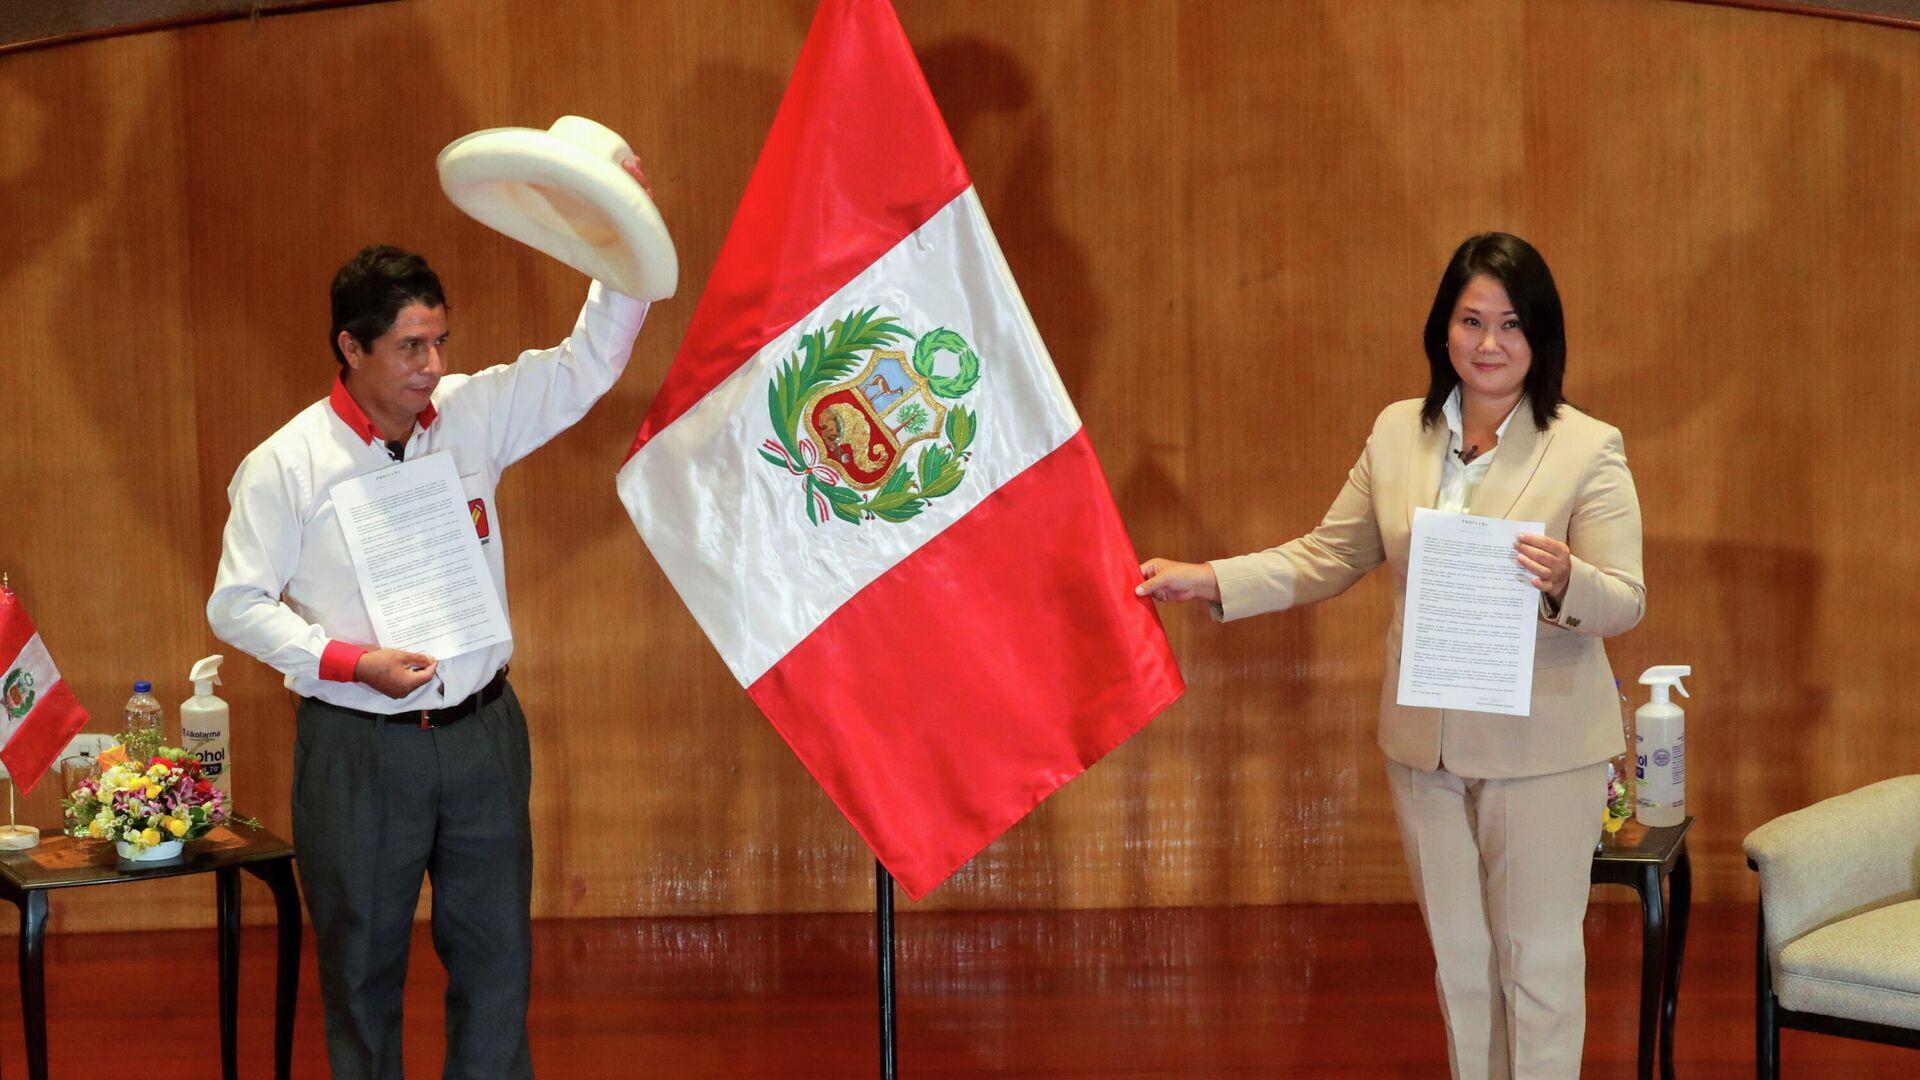 Los candidatos Pedro Castillo (Perú Libre, izquierda) y Keiko Fujimori (Fuerza Popular, derecha) - Sputnik Mundo, 1920, 28.05.2021